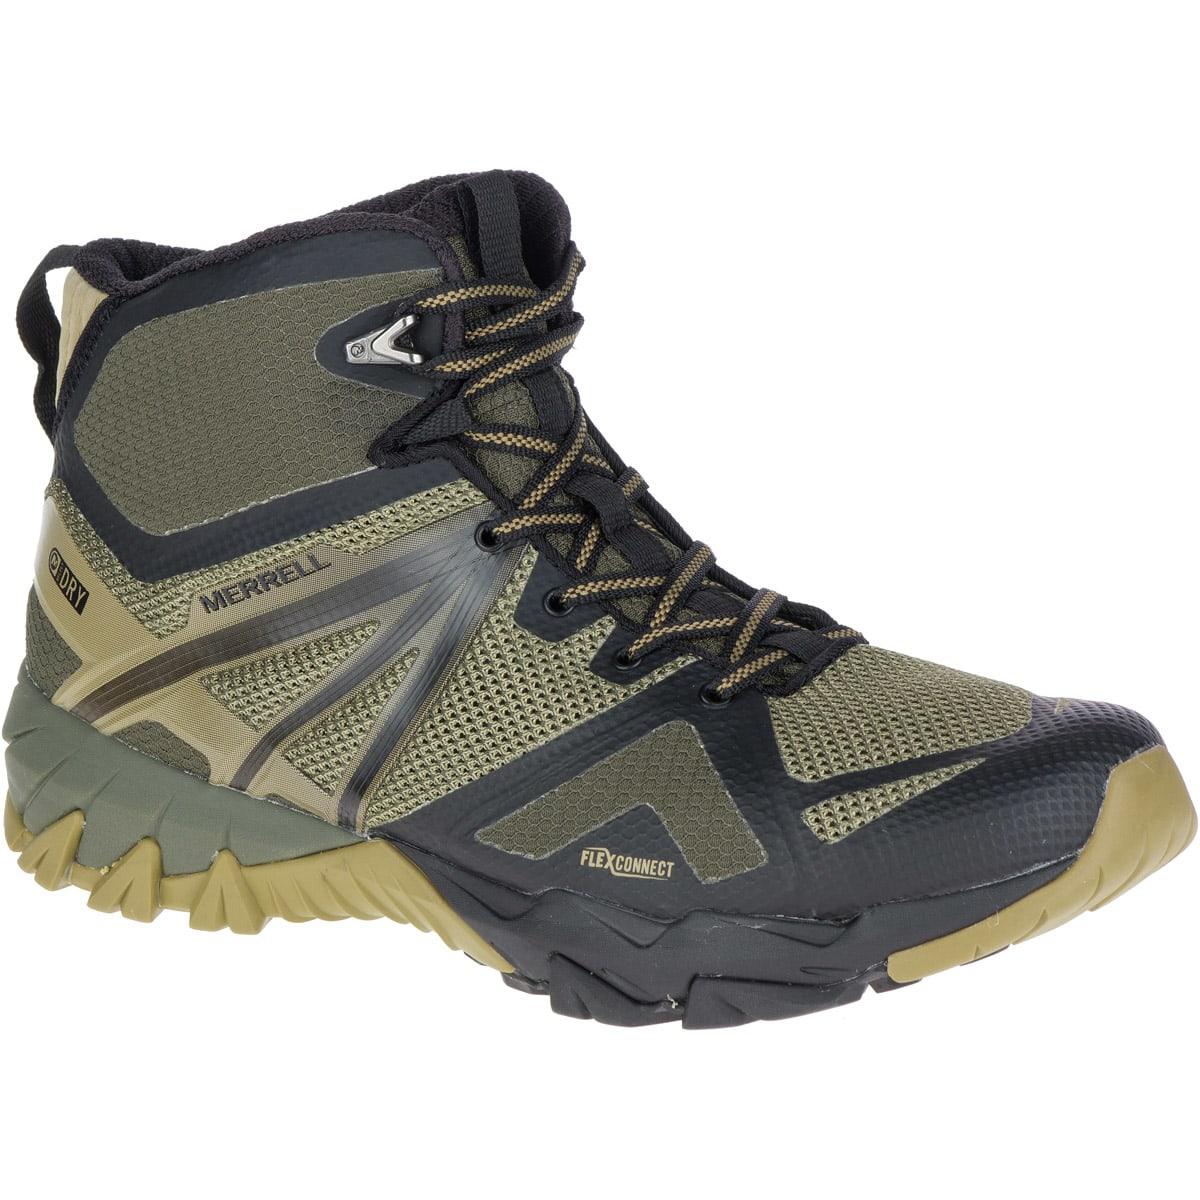 Merrell MQM Flex Mid Gore-Tex Hiking Boots